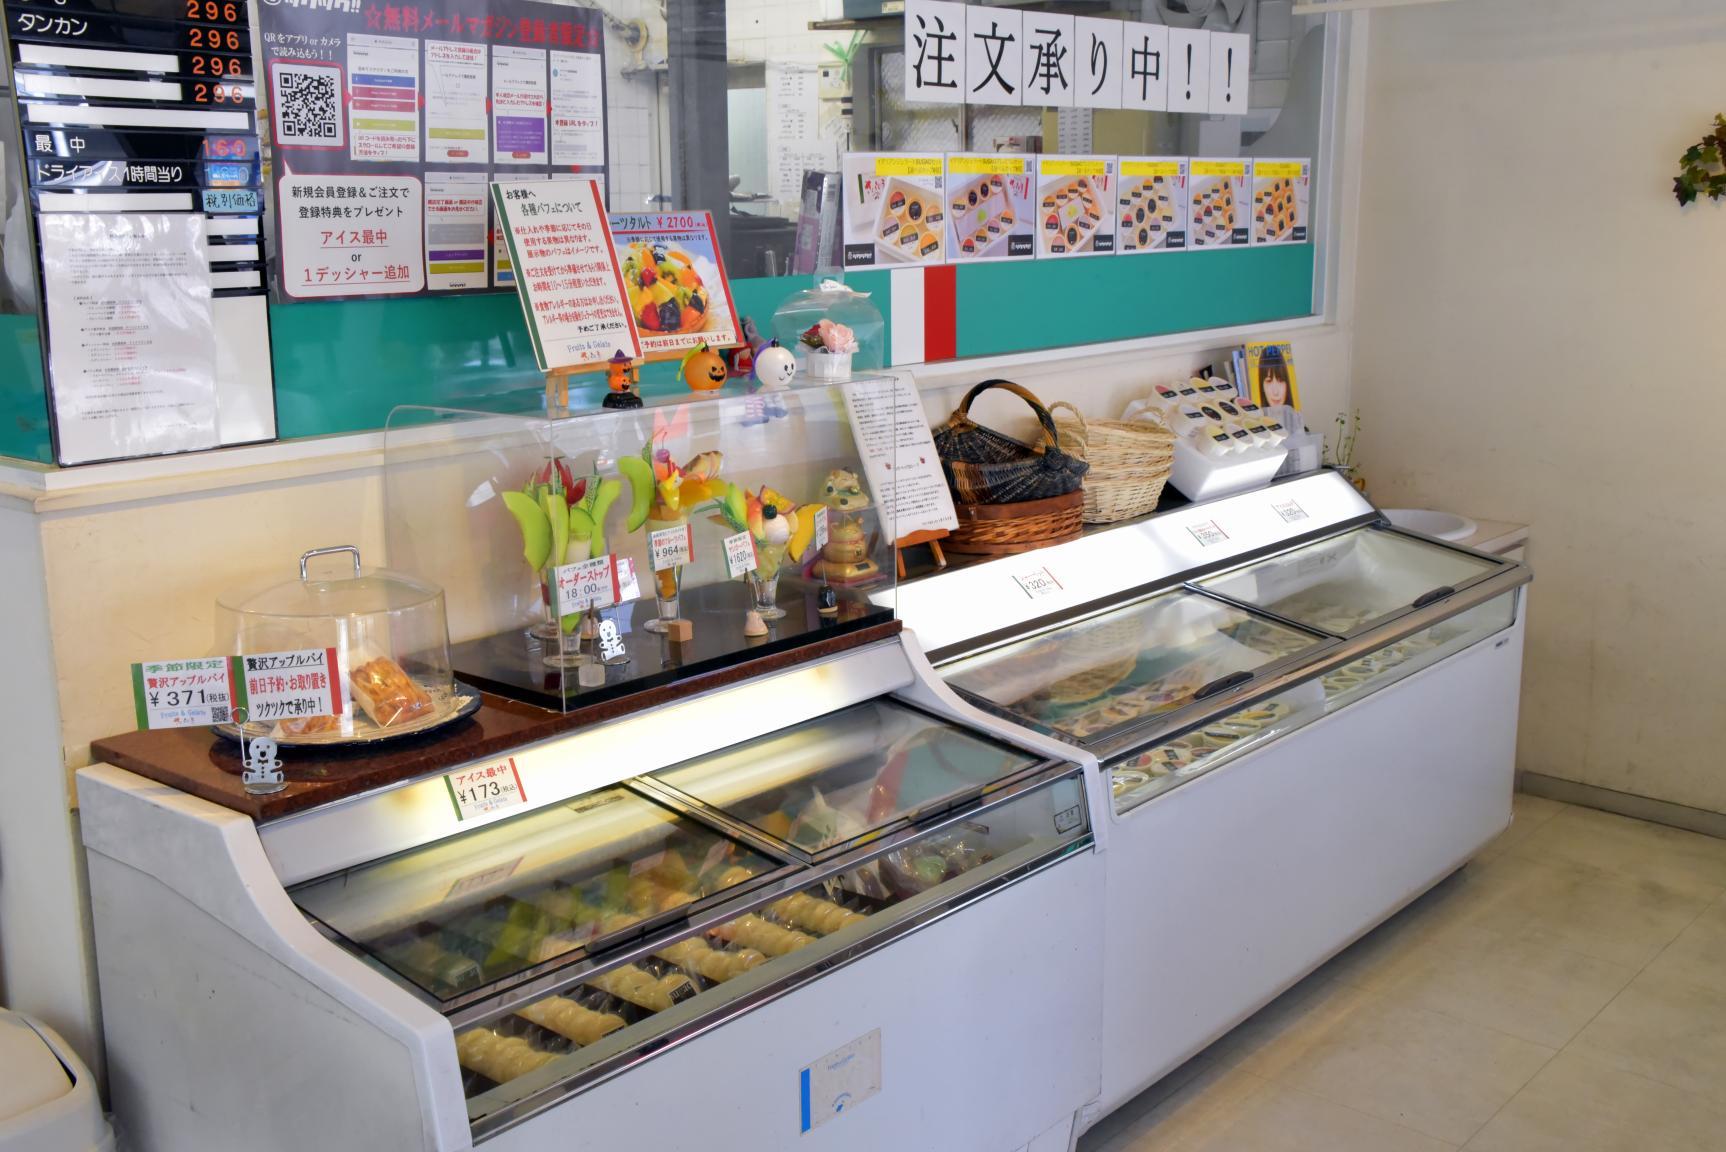 フルーツ&ジェラート さくらじま-3